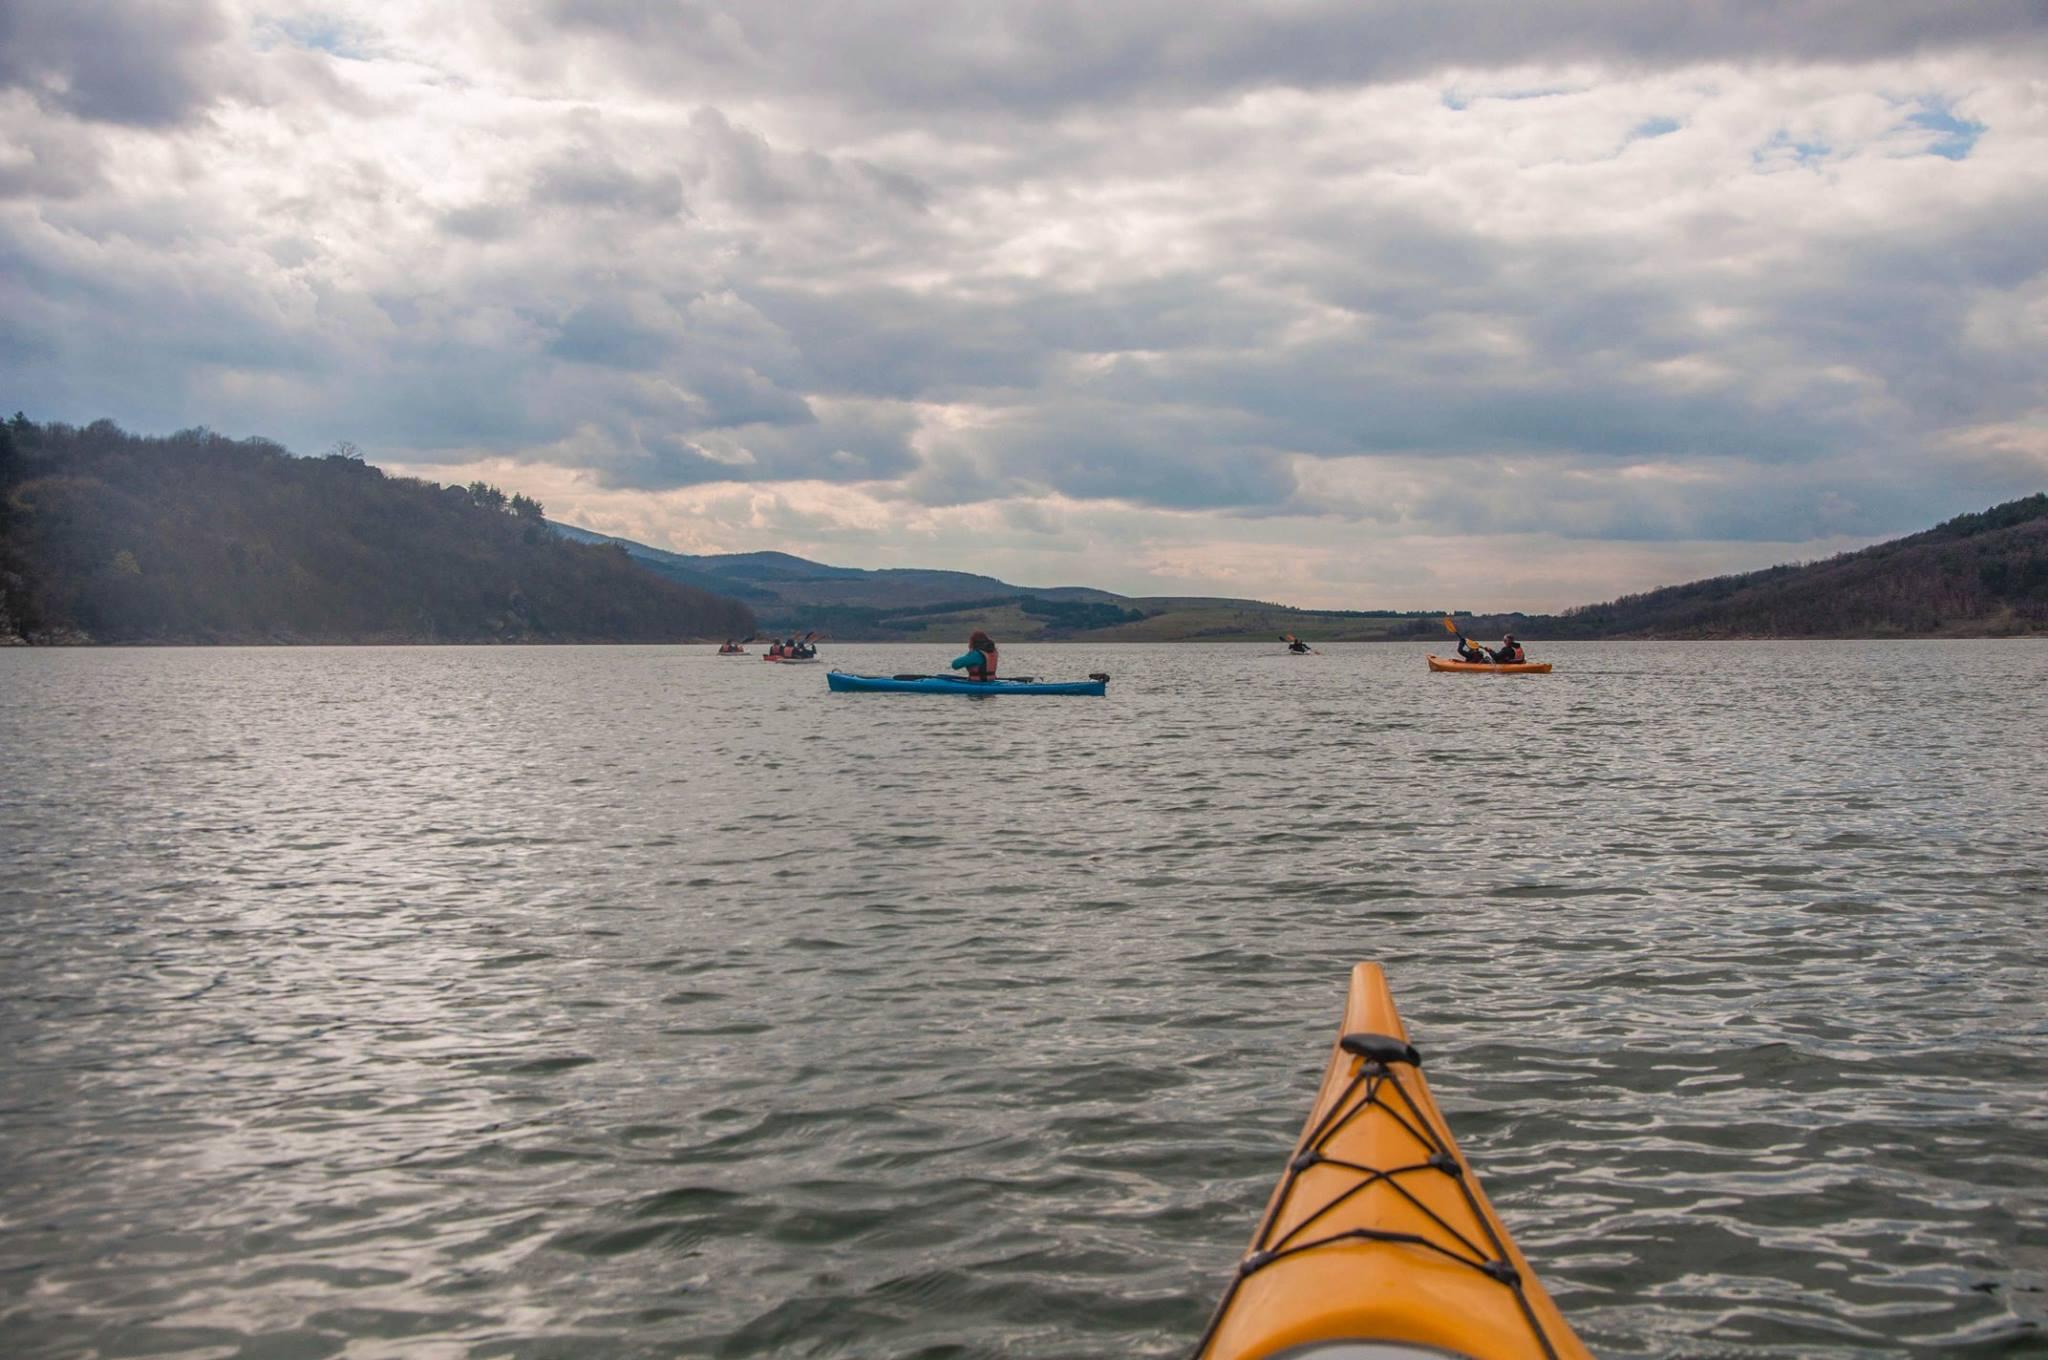 Zhrebchevo kayaking